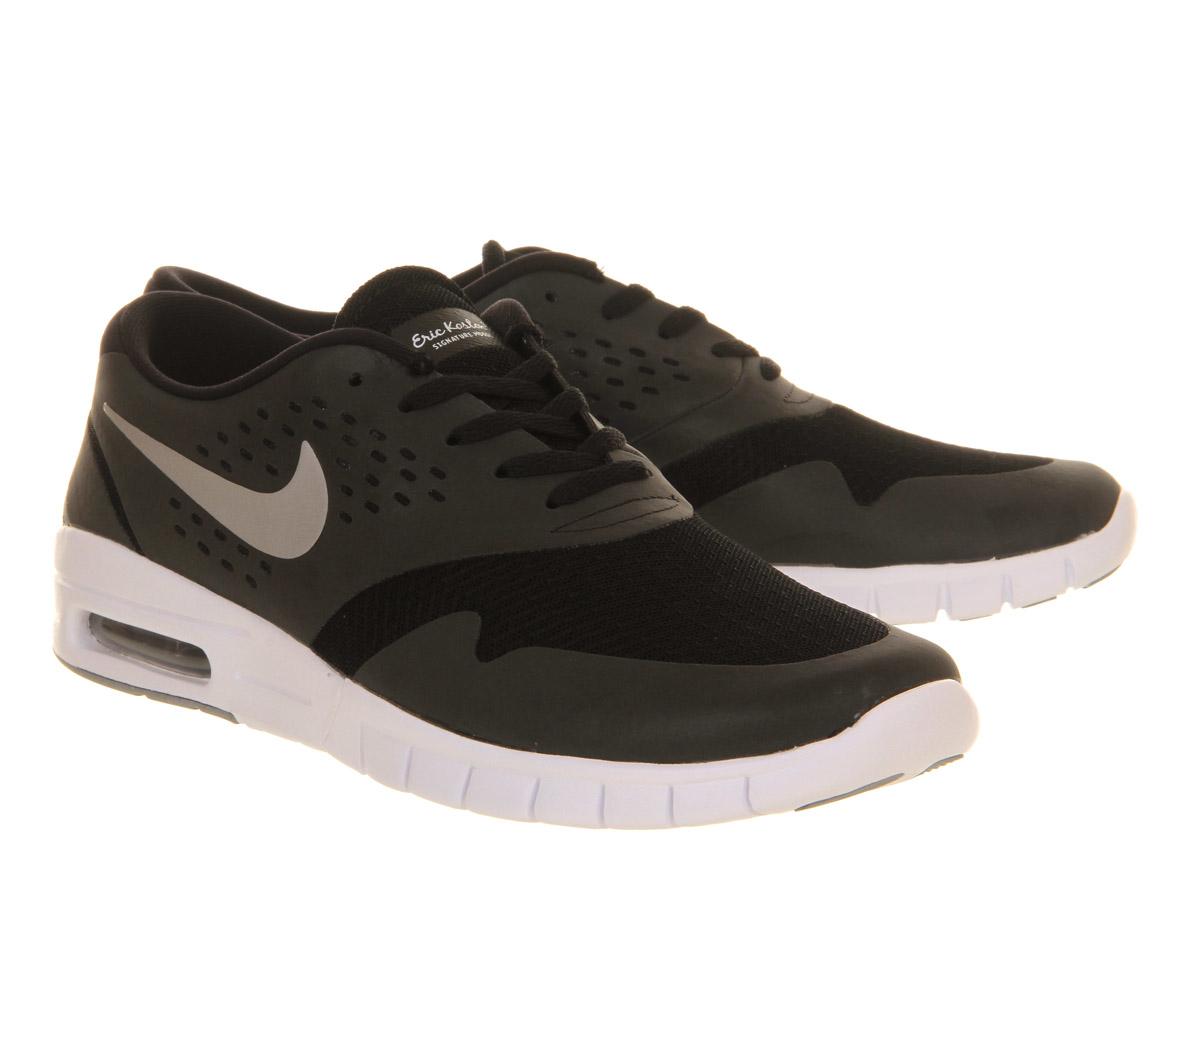 Nike Sb Eric Koston  Max Shoes Black